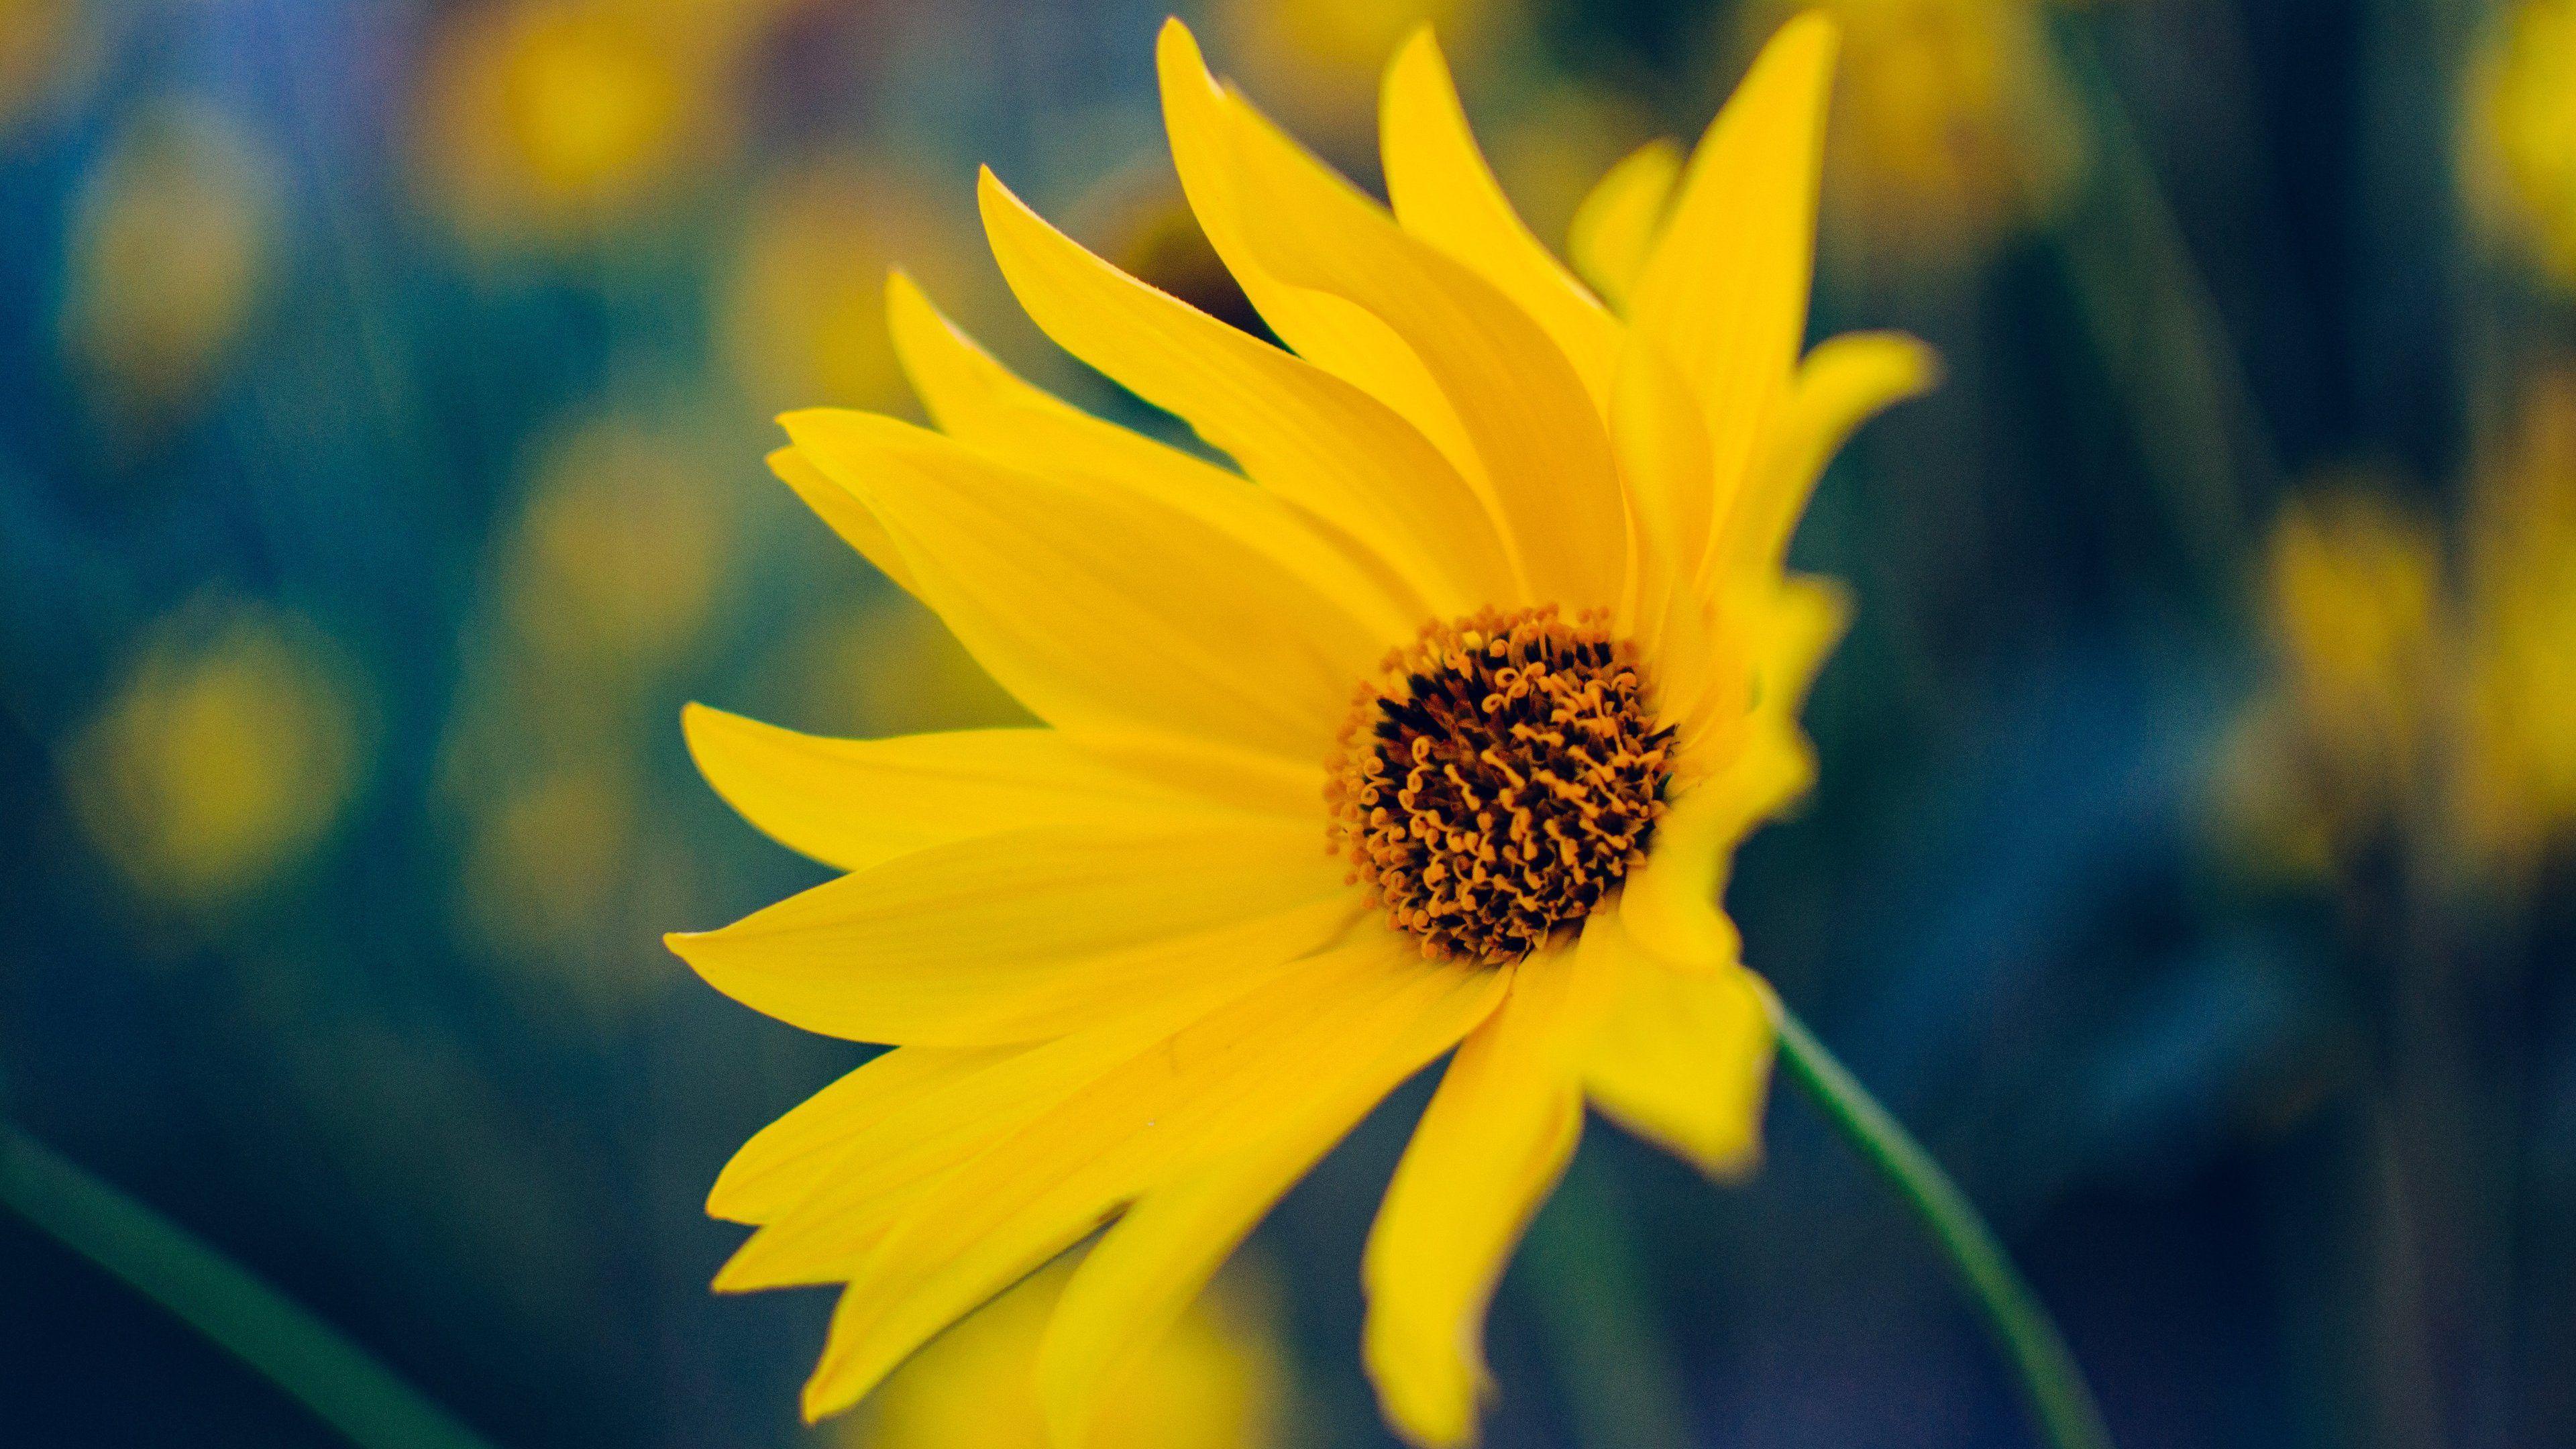 Yellow Flower Desktop Wallpapers Top Free Yellow Flower Desktop Backgrounds Wallpaperaccess